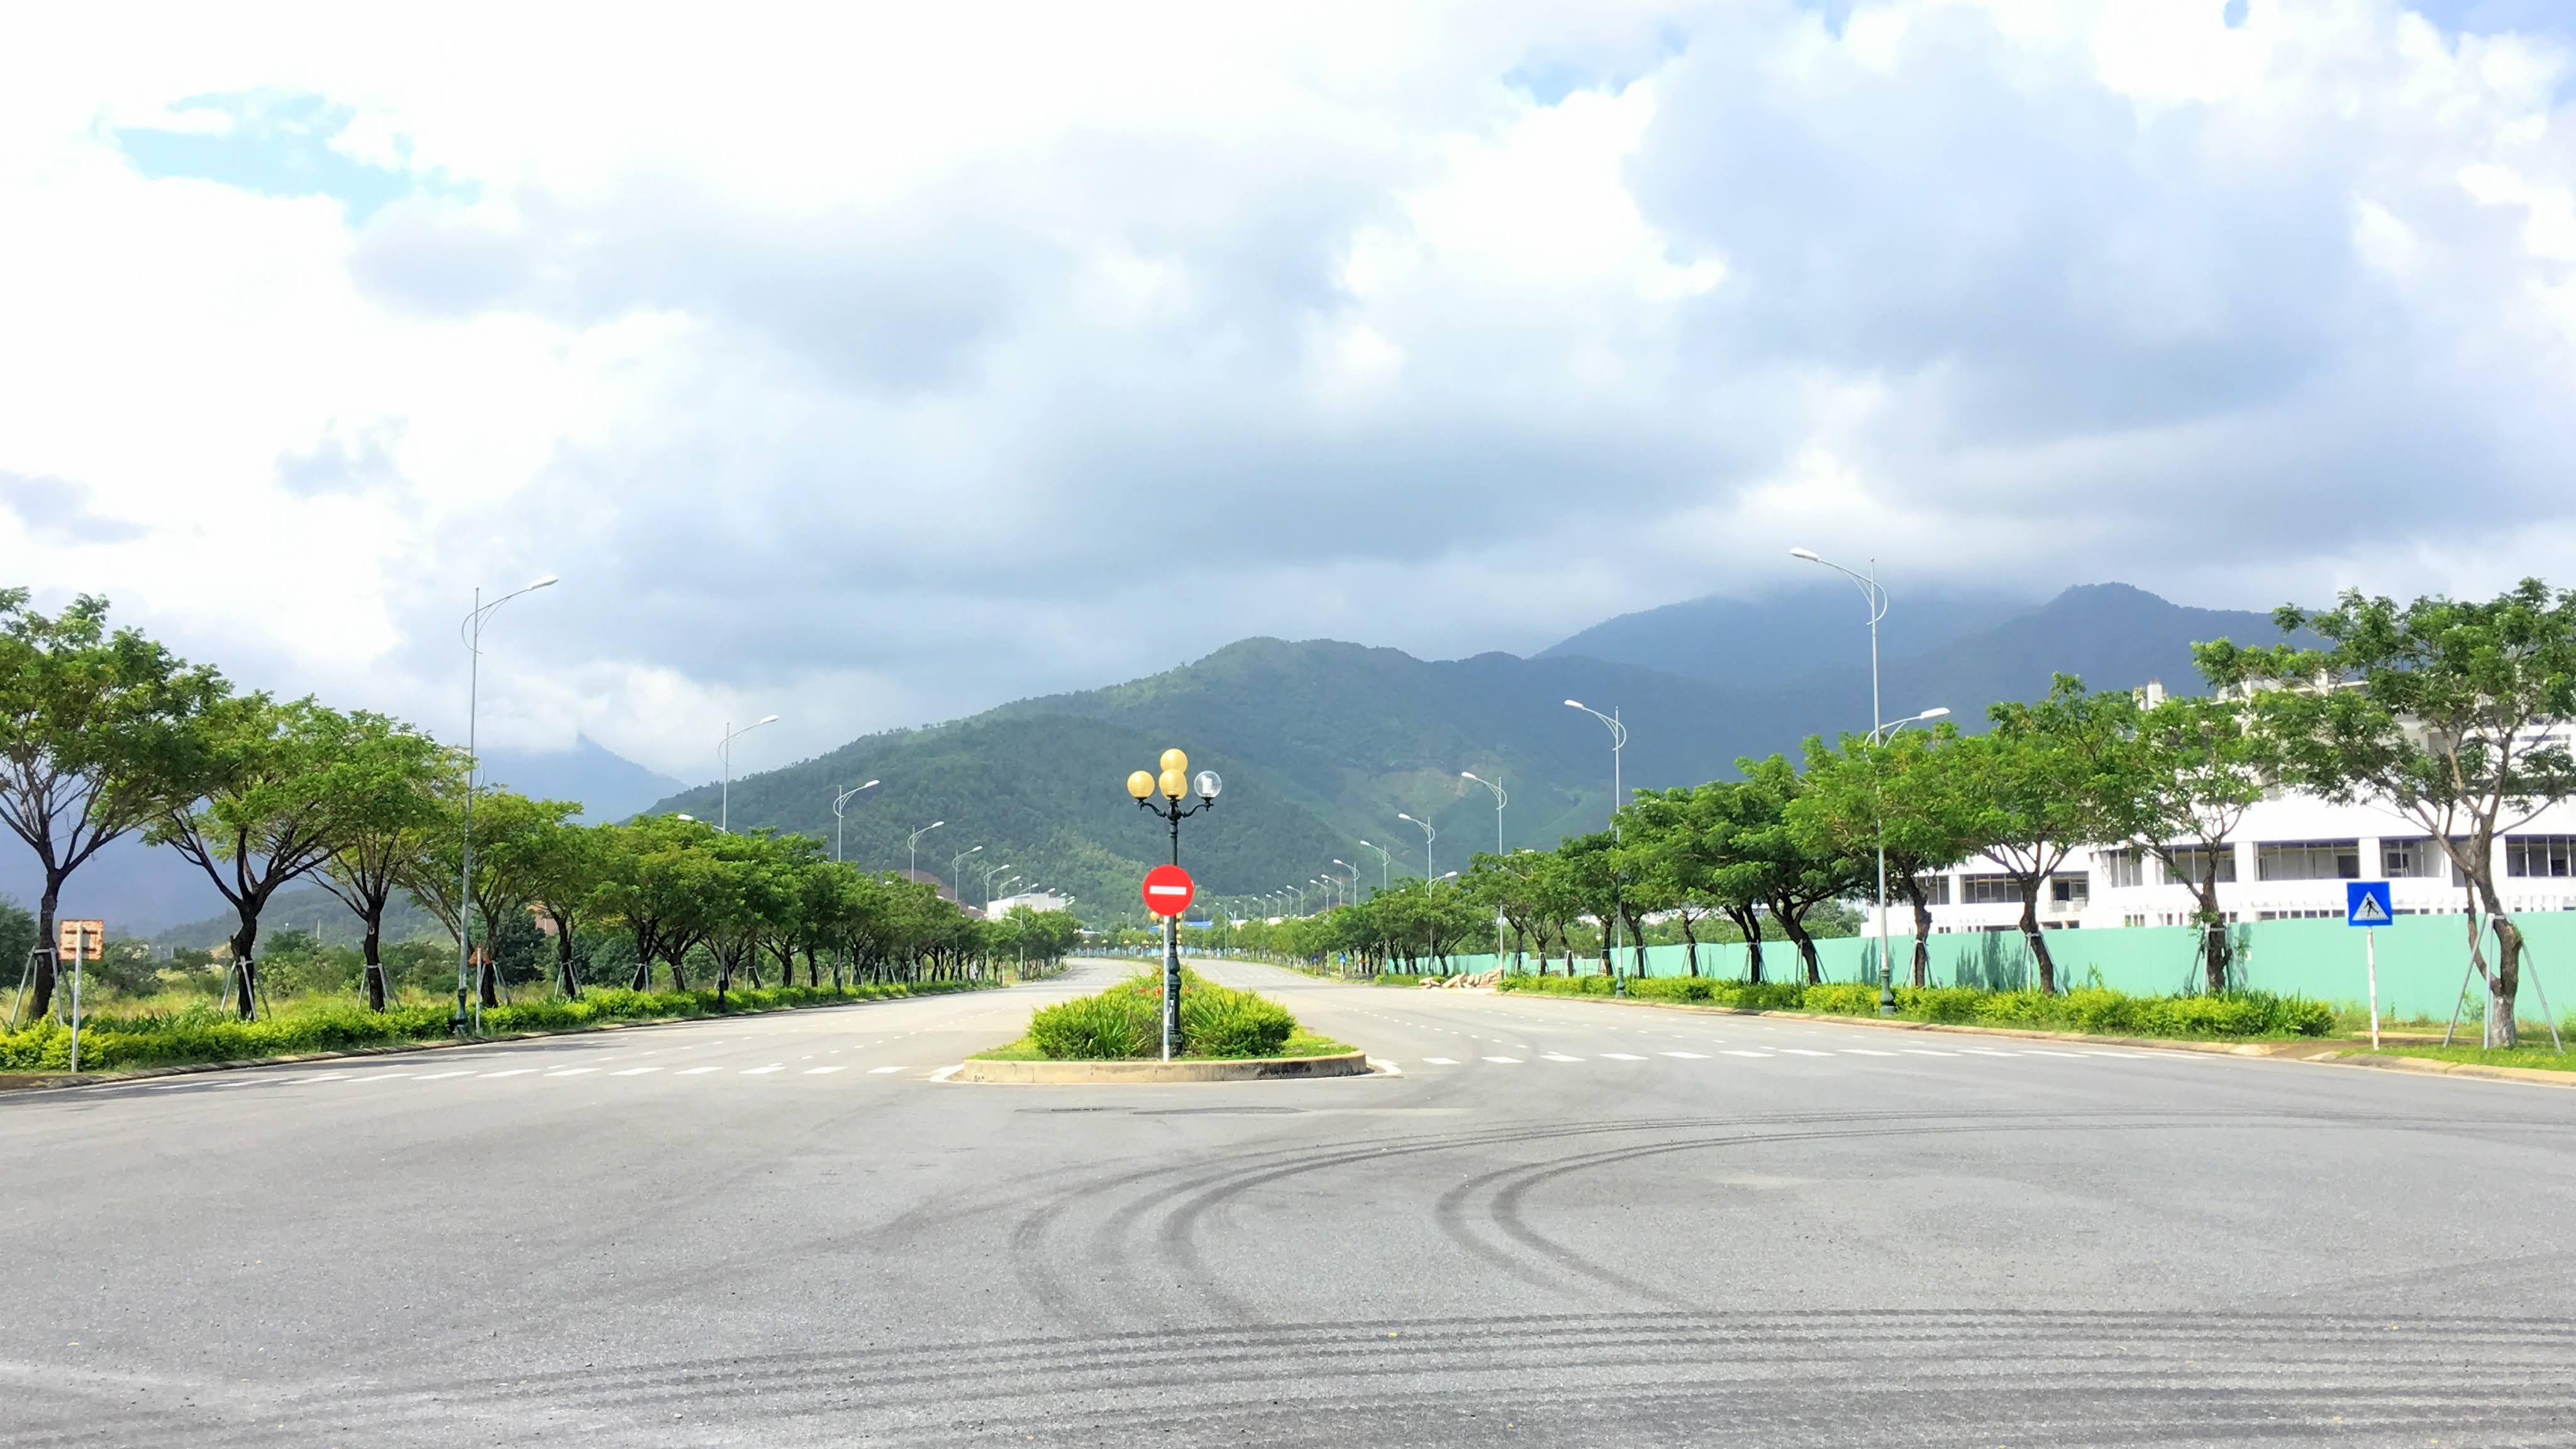 Khu công nghệ cao Đà Nẵng hút đầu tư nghìn tỉ đồng sau dịch COVID-19 - Ảnh 3.